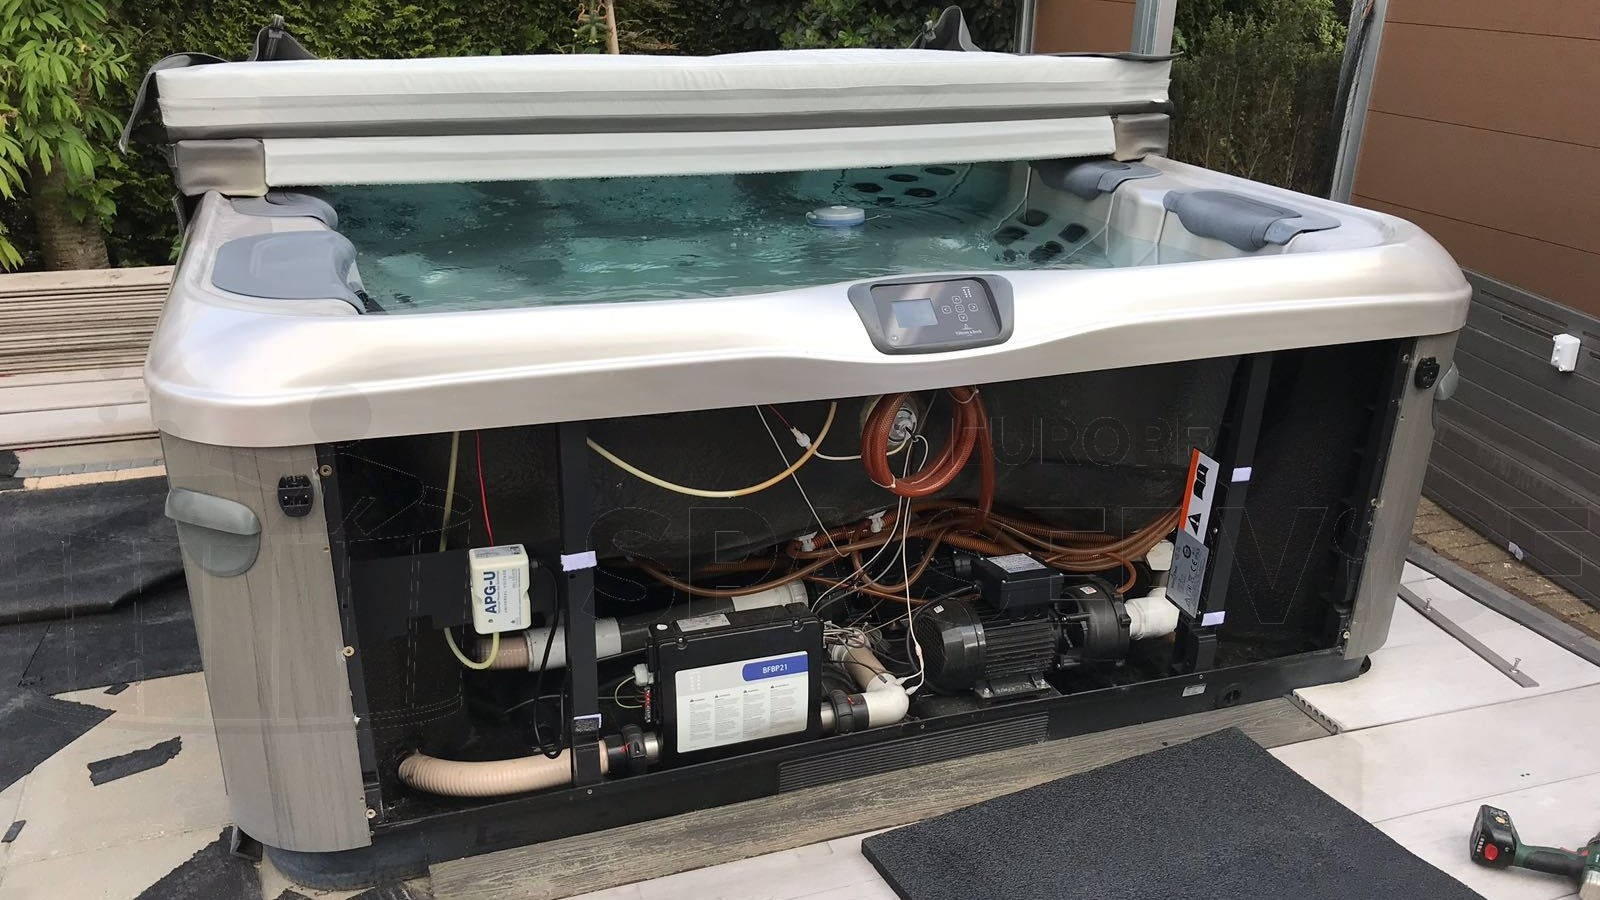 Pomp gerepareerd van een Villeroy & Boch spa in Alphen aan den Rijn